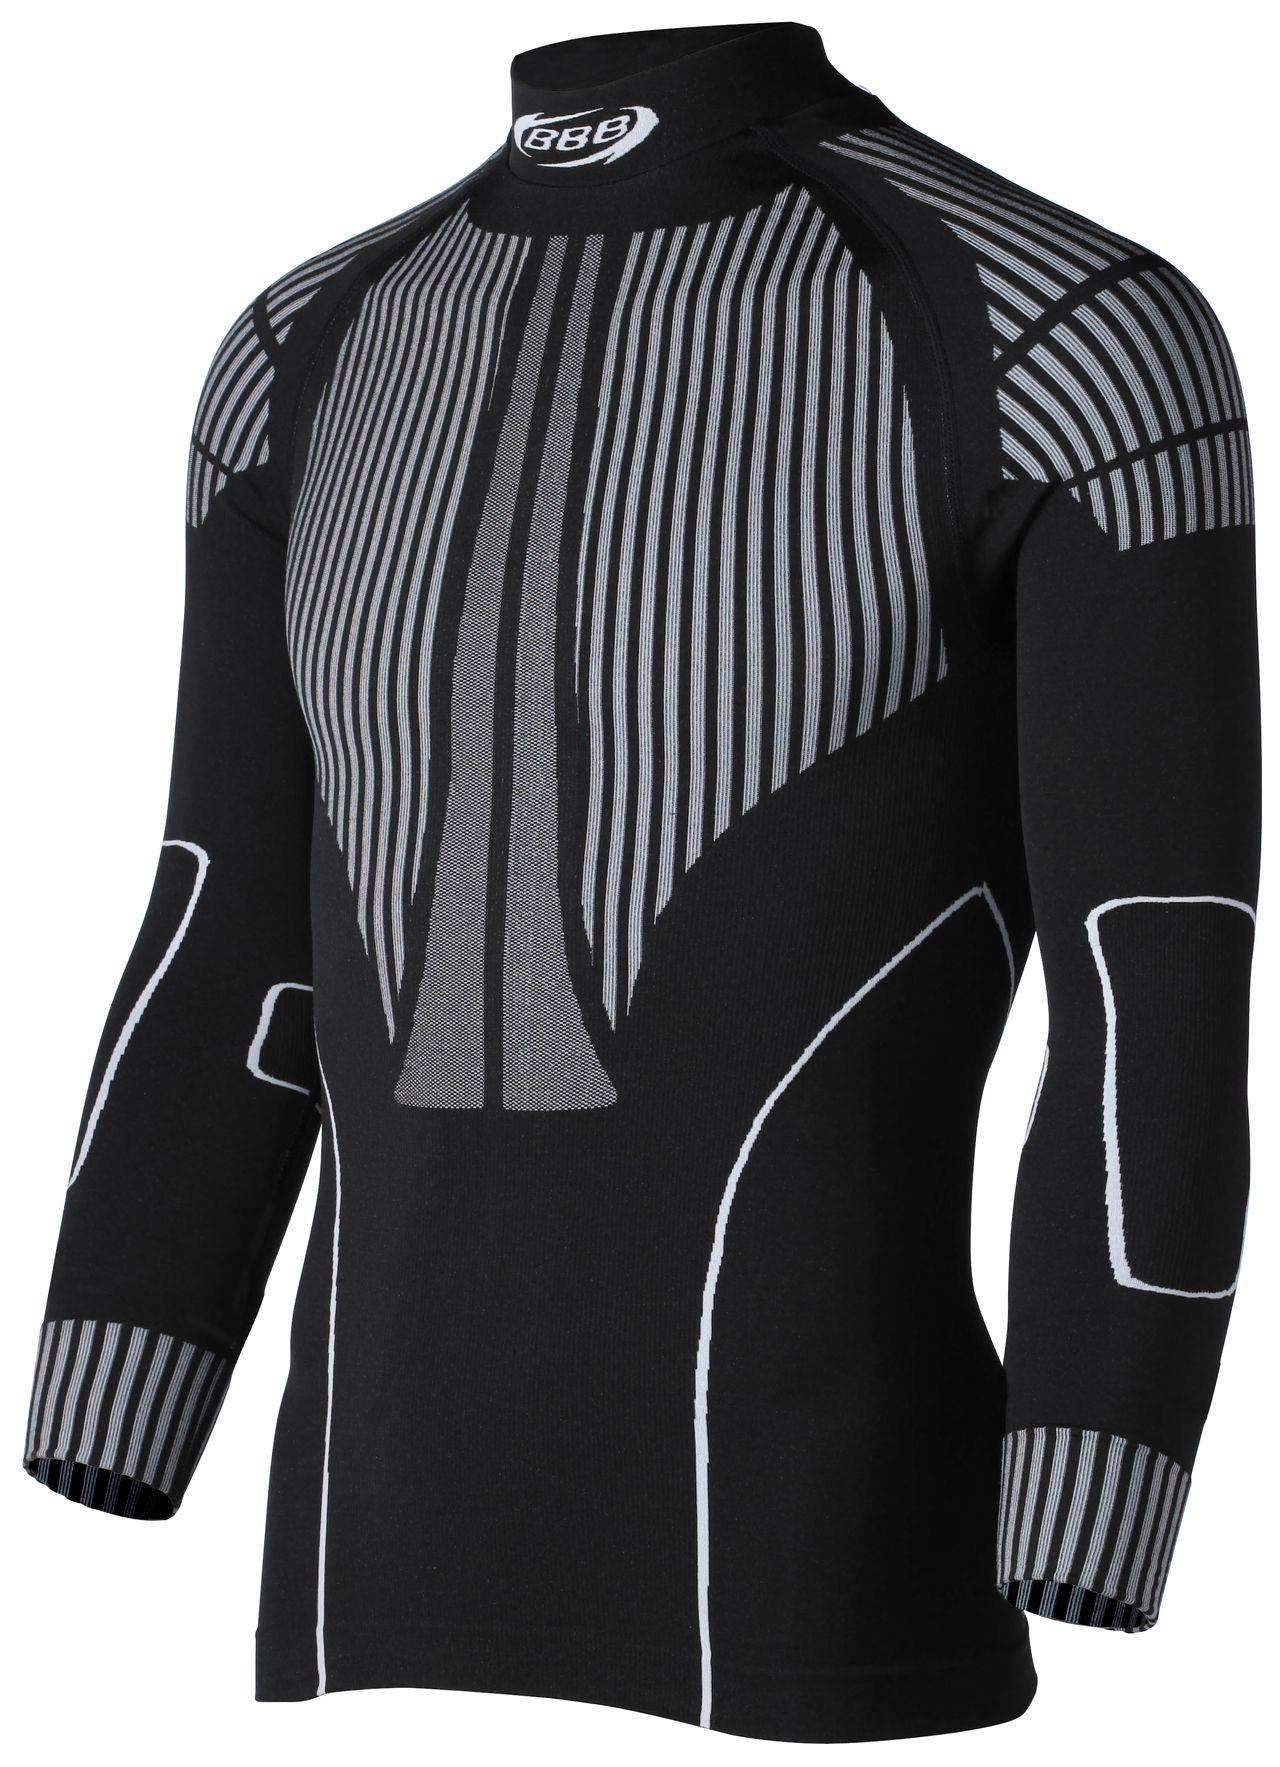 Sous-vêtement hiver BBB ThermoLayer homme (noir) manches longues - BUW-12 - XS/S